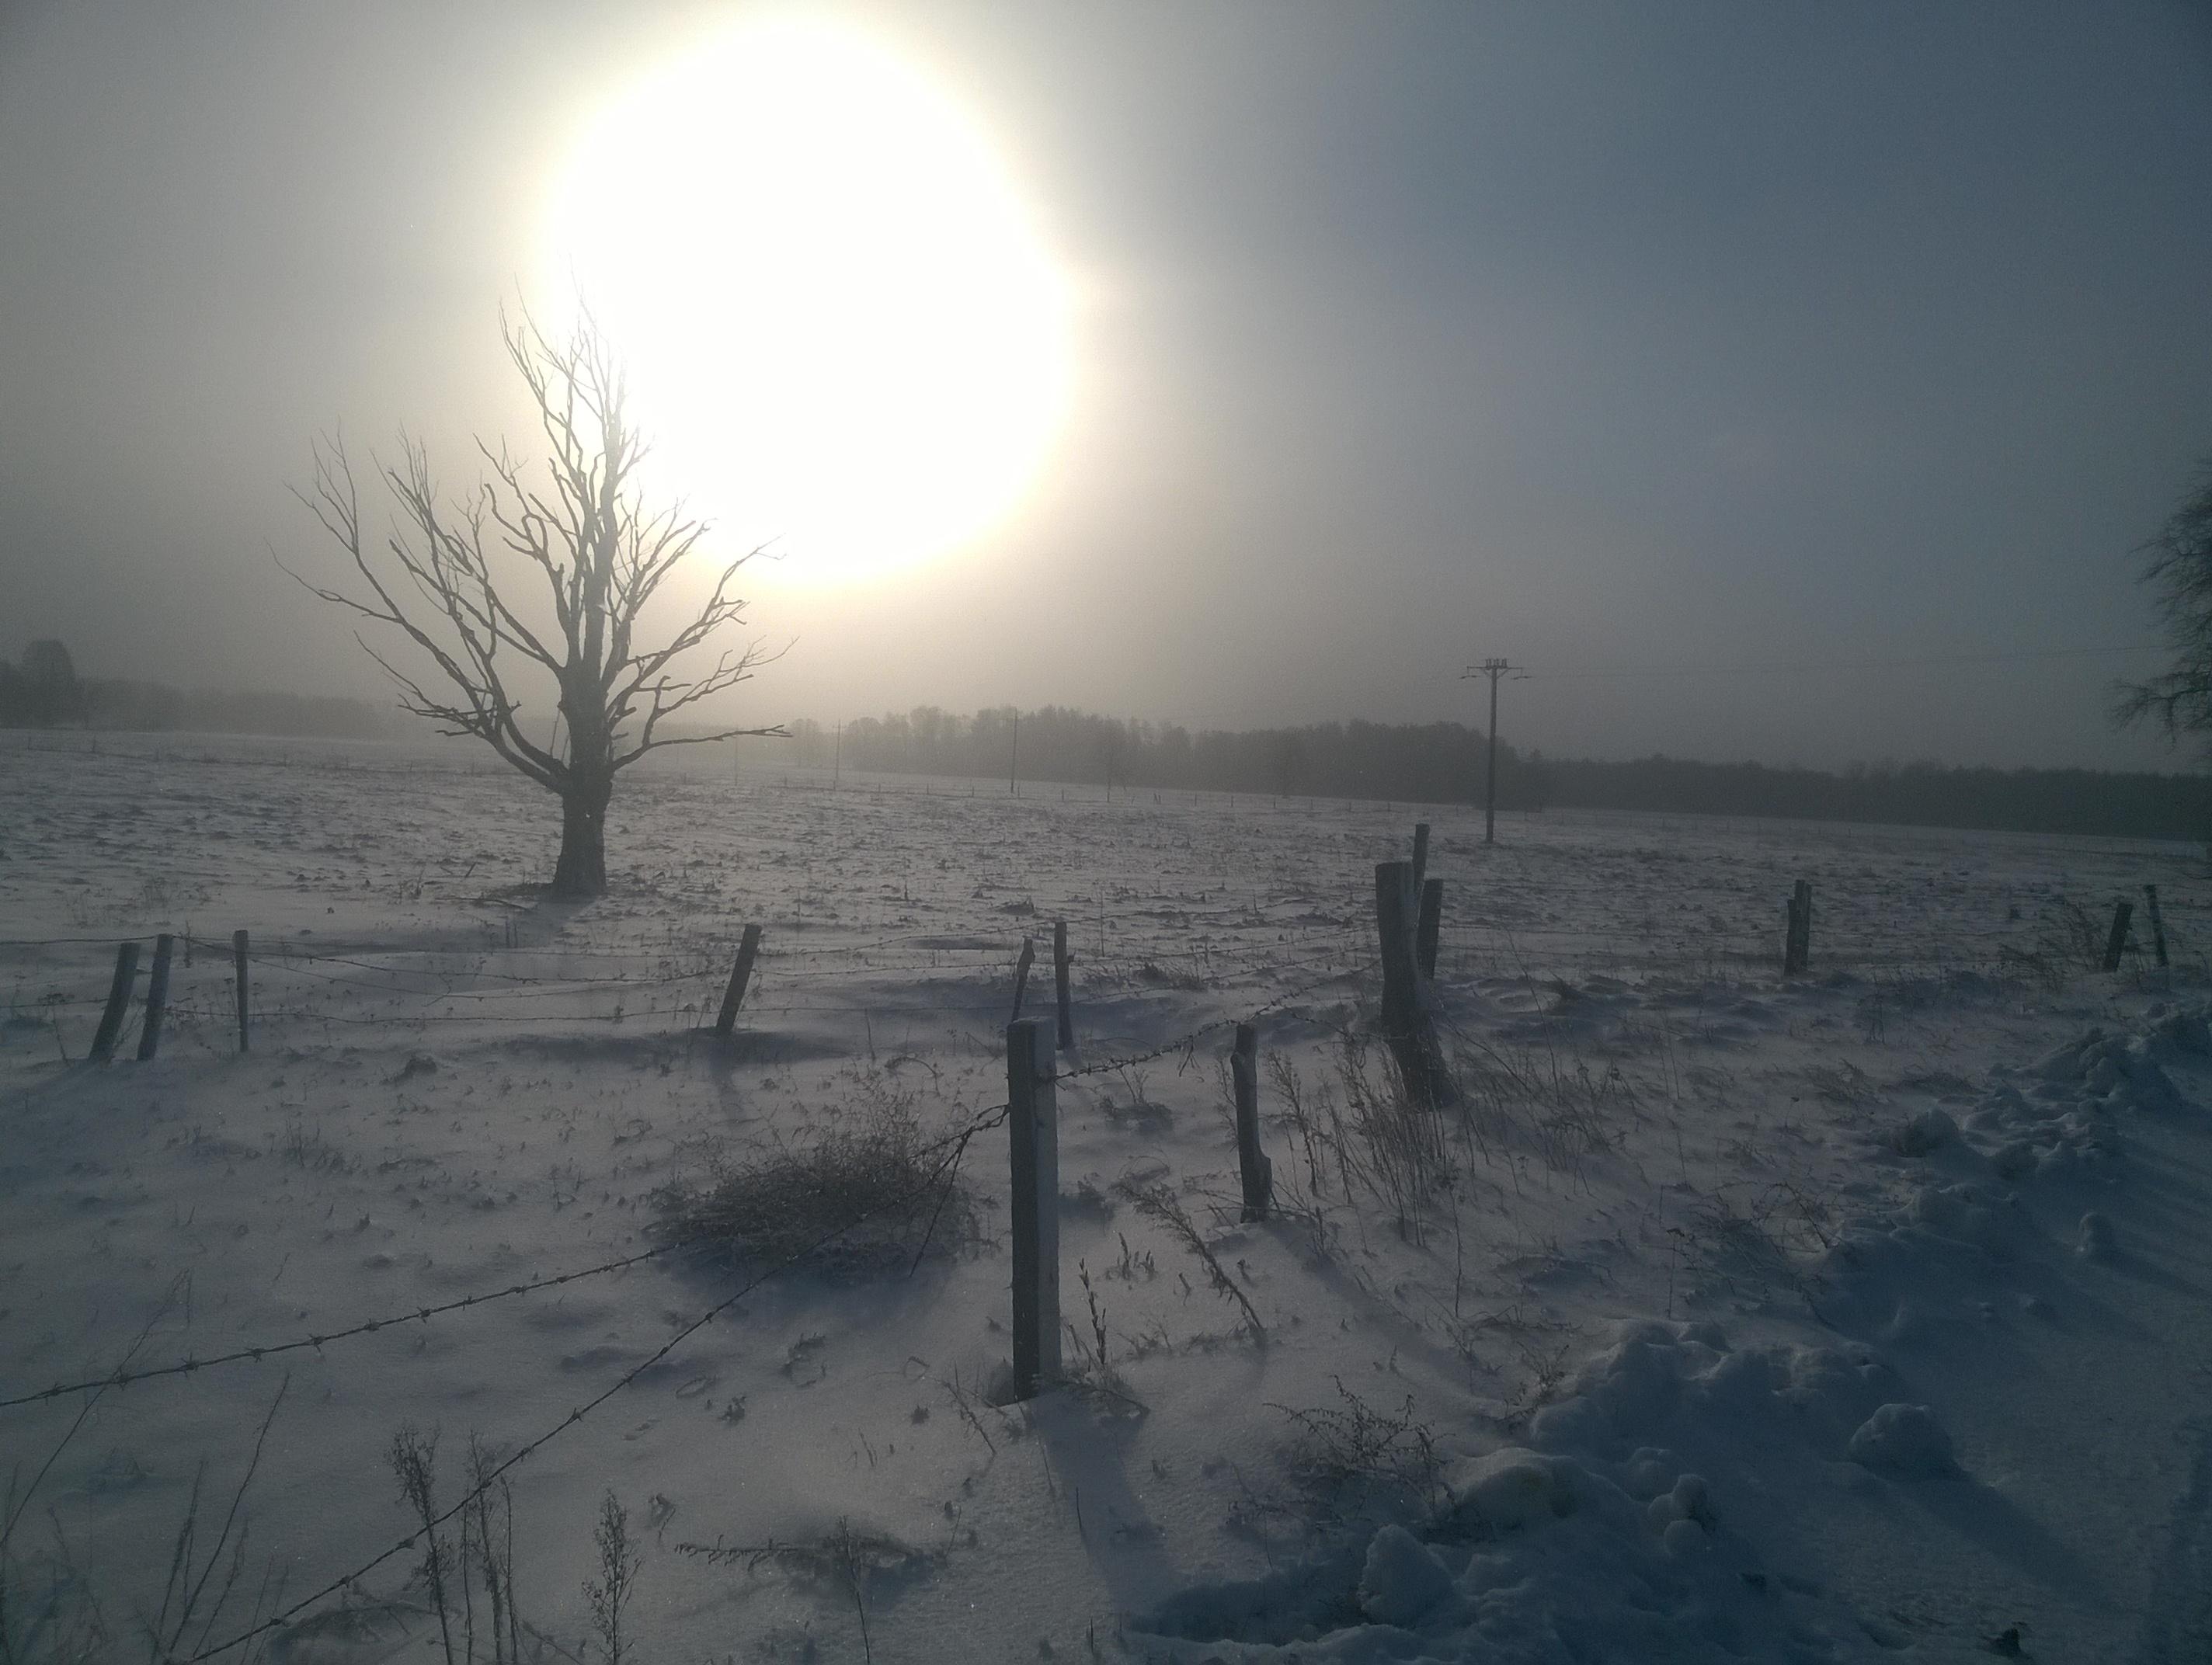 Widok na zaśnieżone pola. Białe szaleństwo!